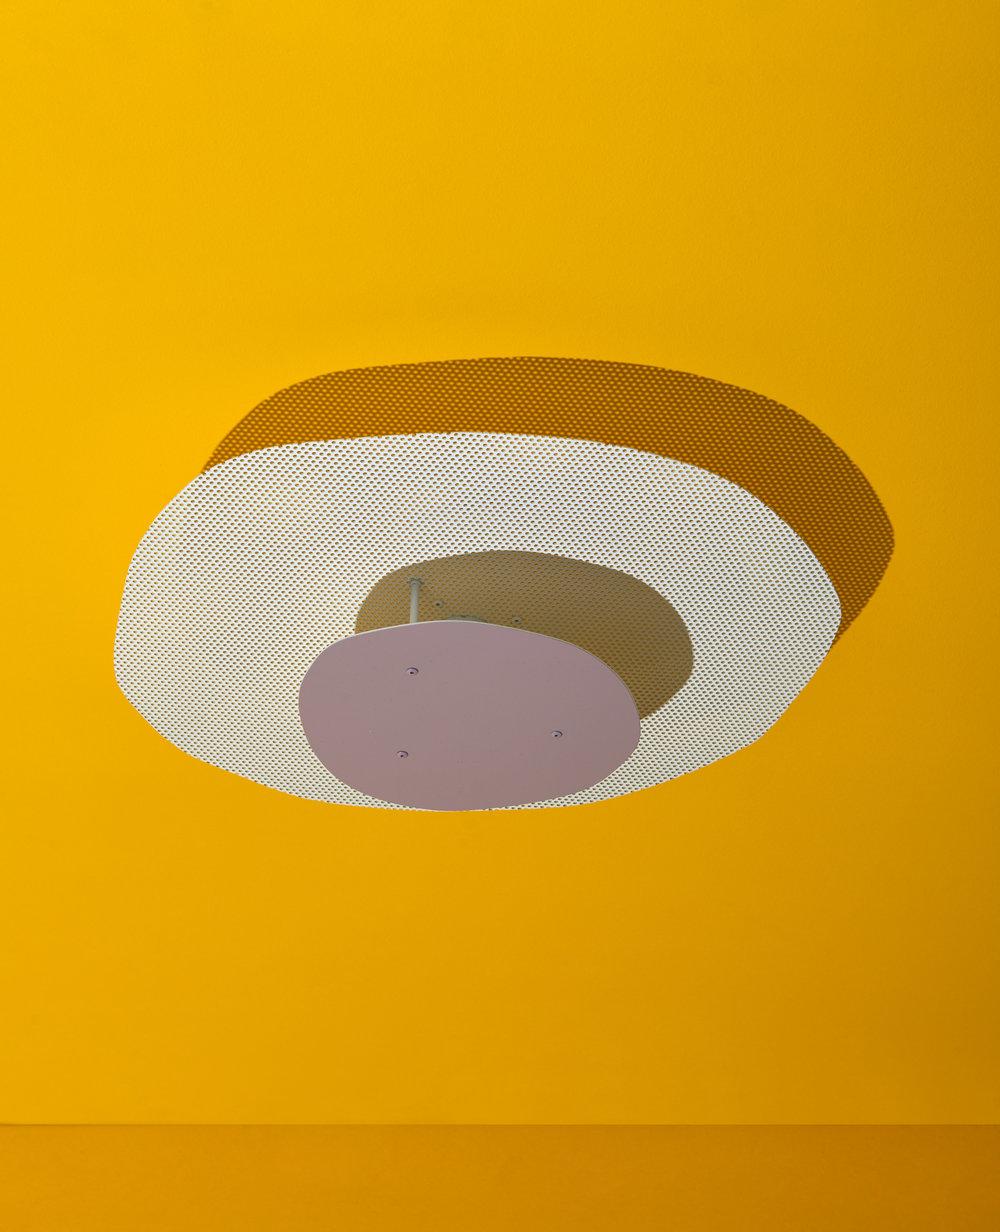 POPPY_Ceiling_Lamp_Frederik_Kurzweg_Design_Studio_03.jpg